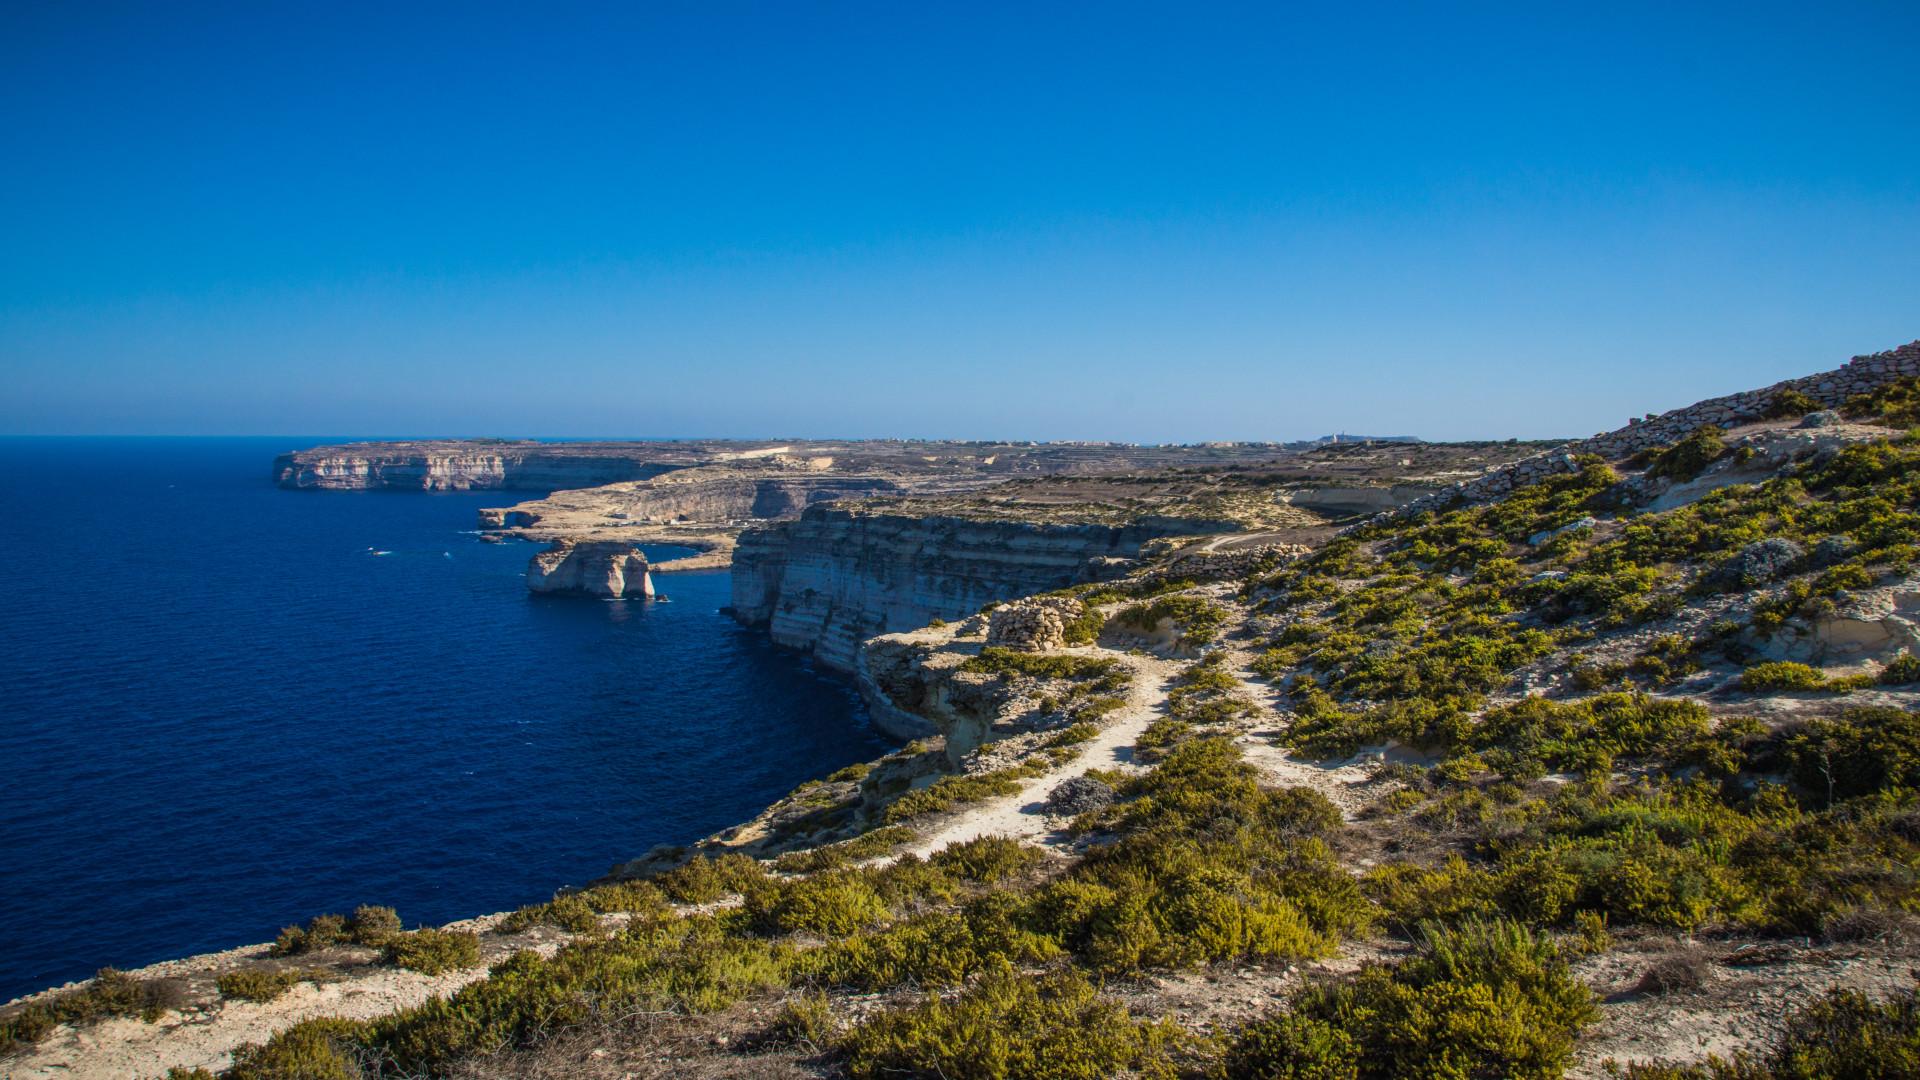 De prachtige groene en blauwe kleuren van Gozo